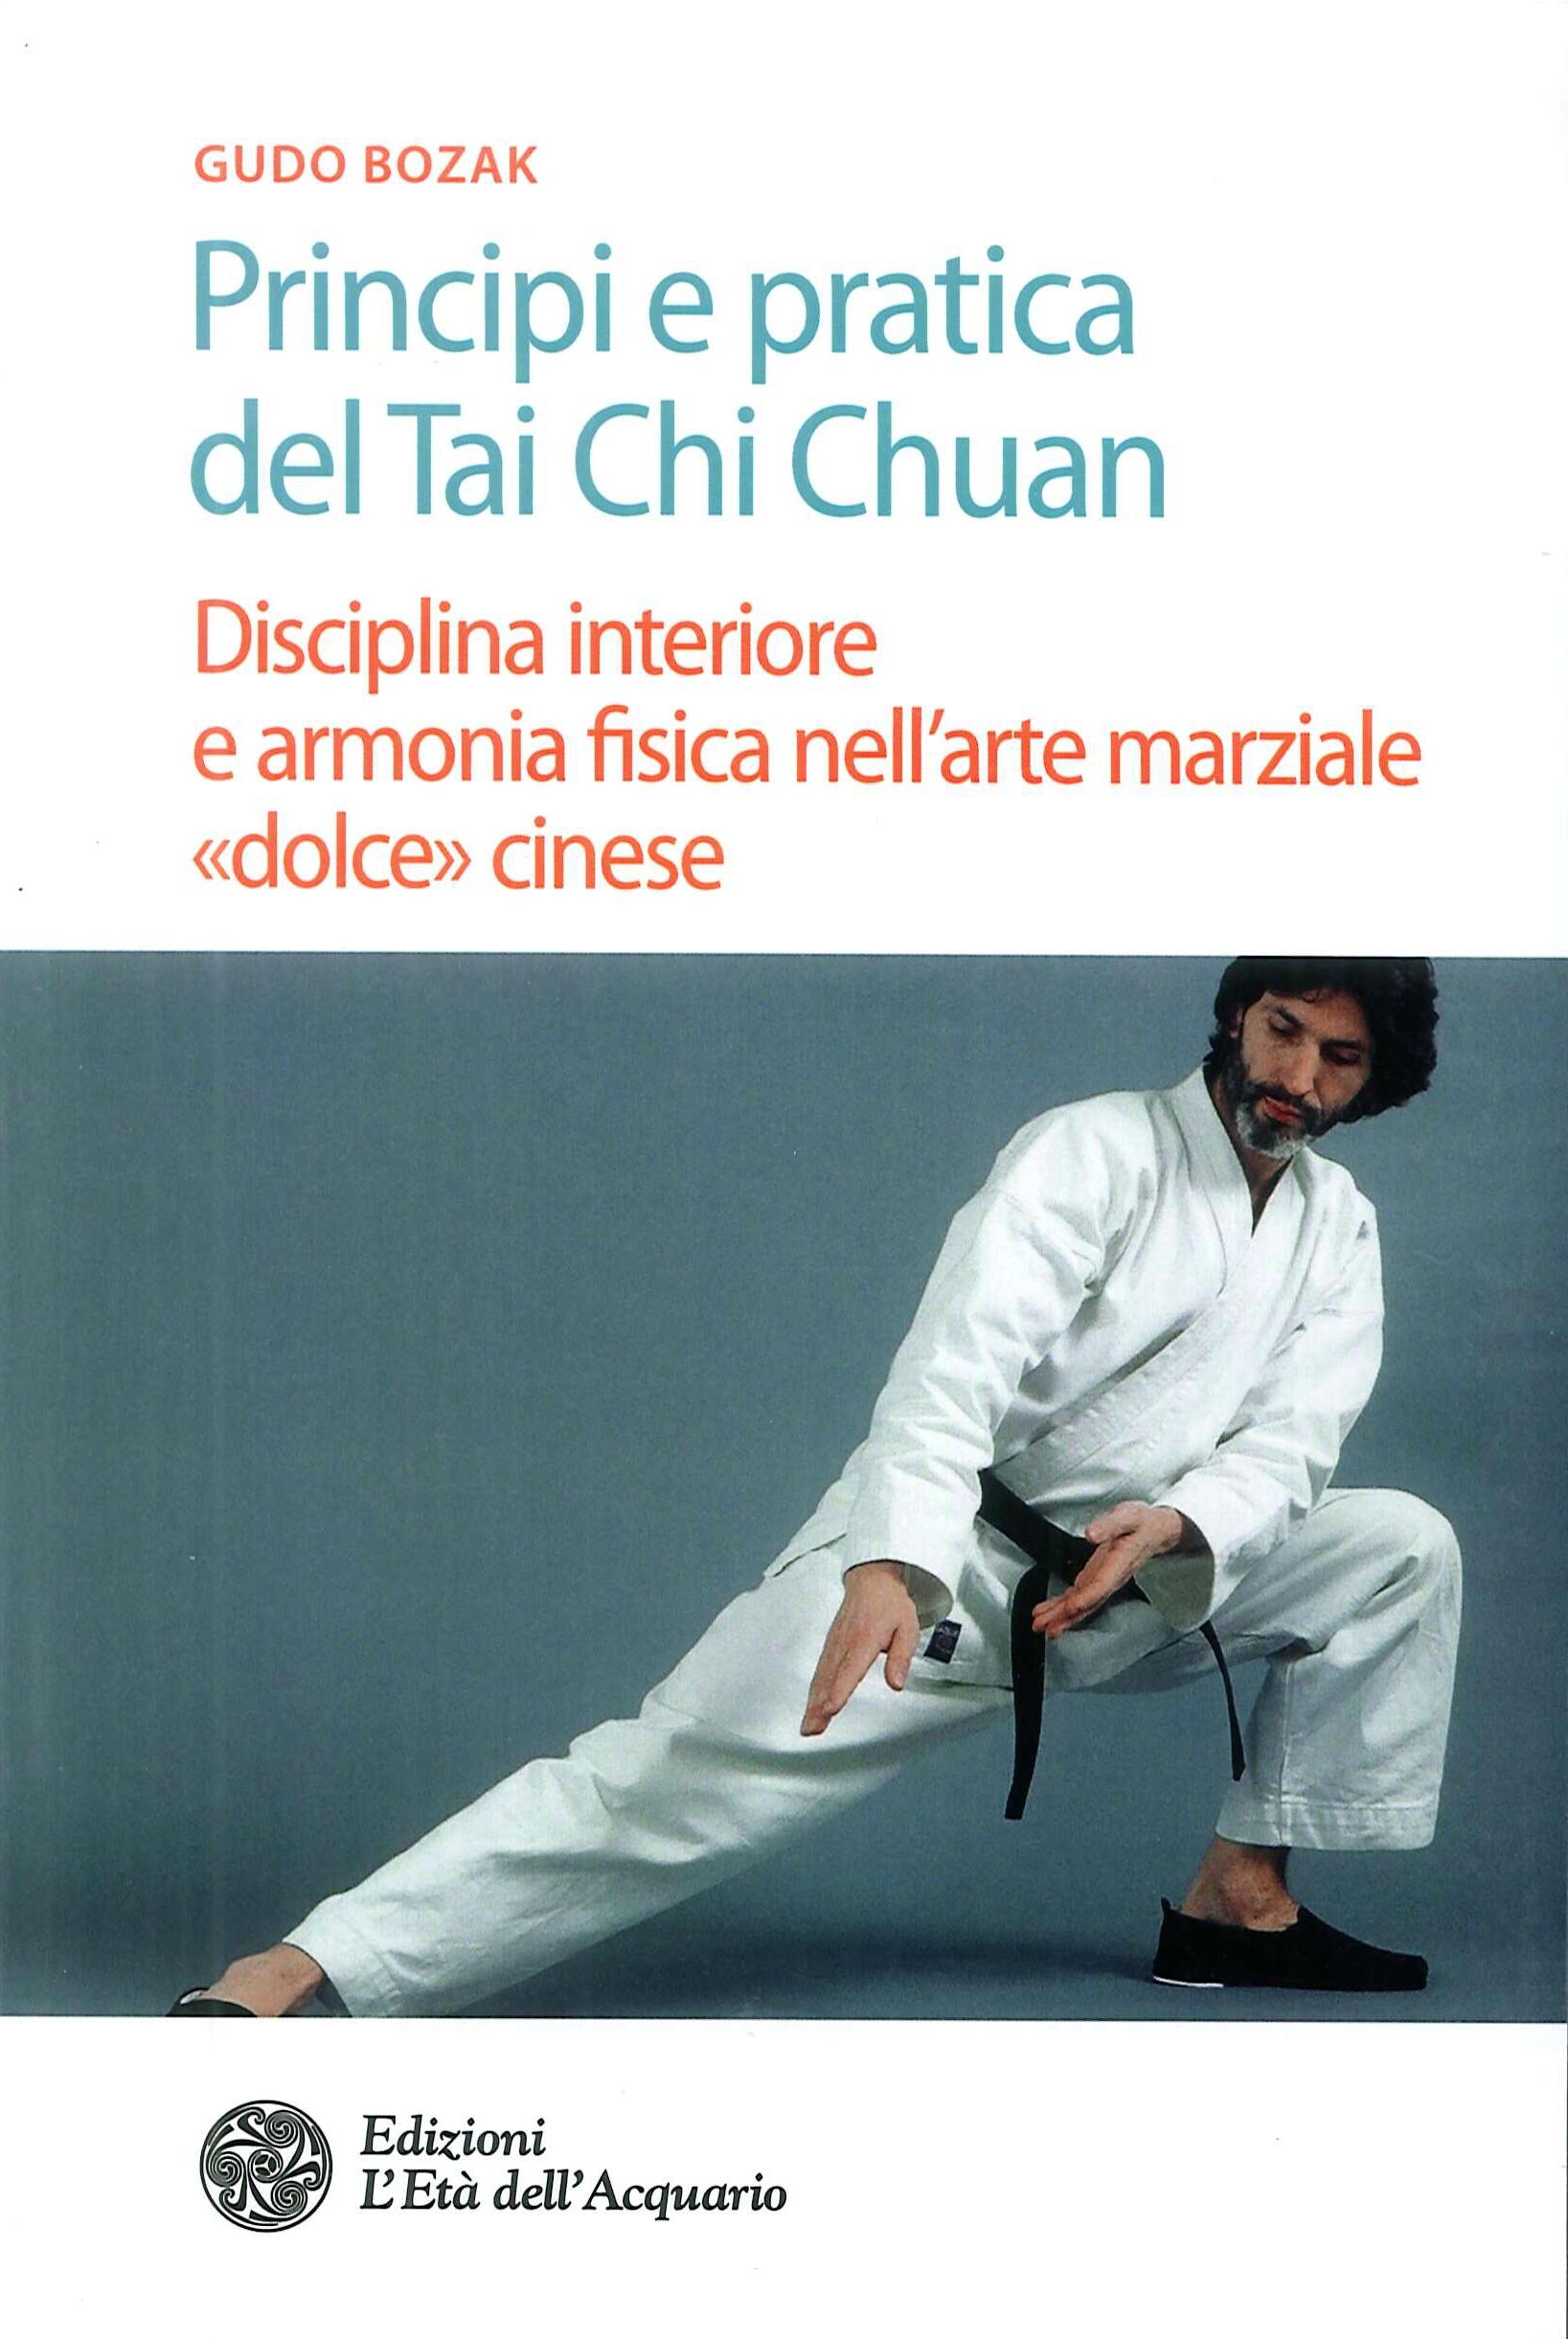 Principi e pratica del Tai Chi Chuan. Disciplina interiore e armonia fisica nell'arte marziale